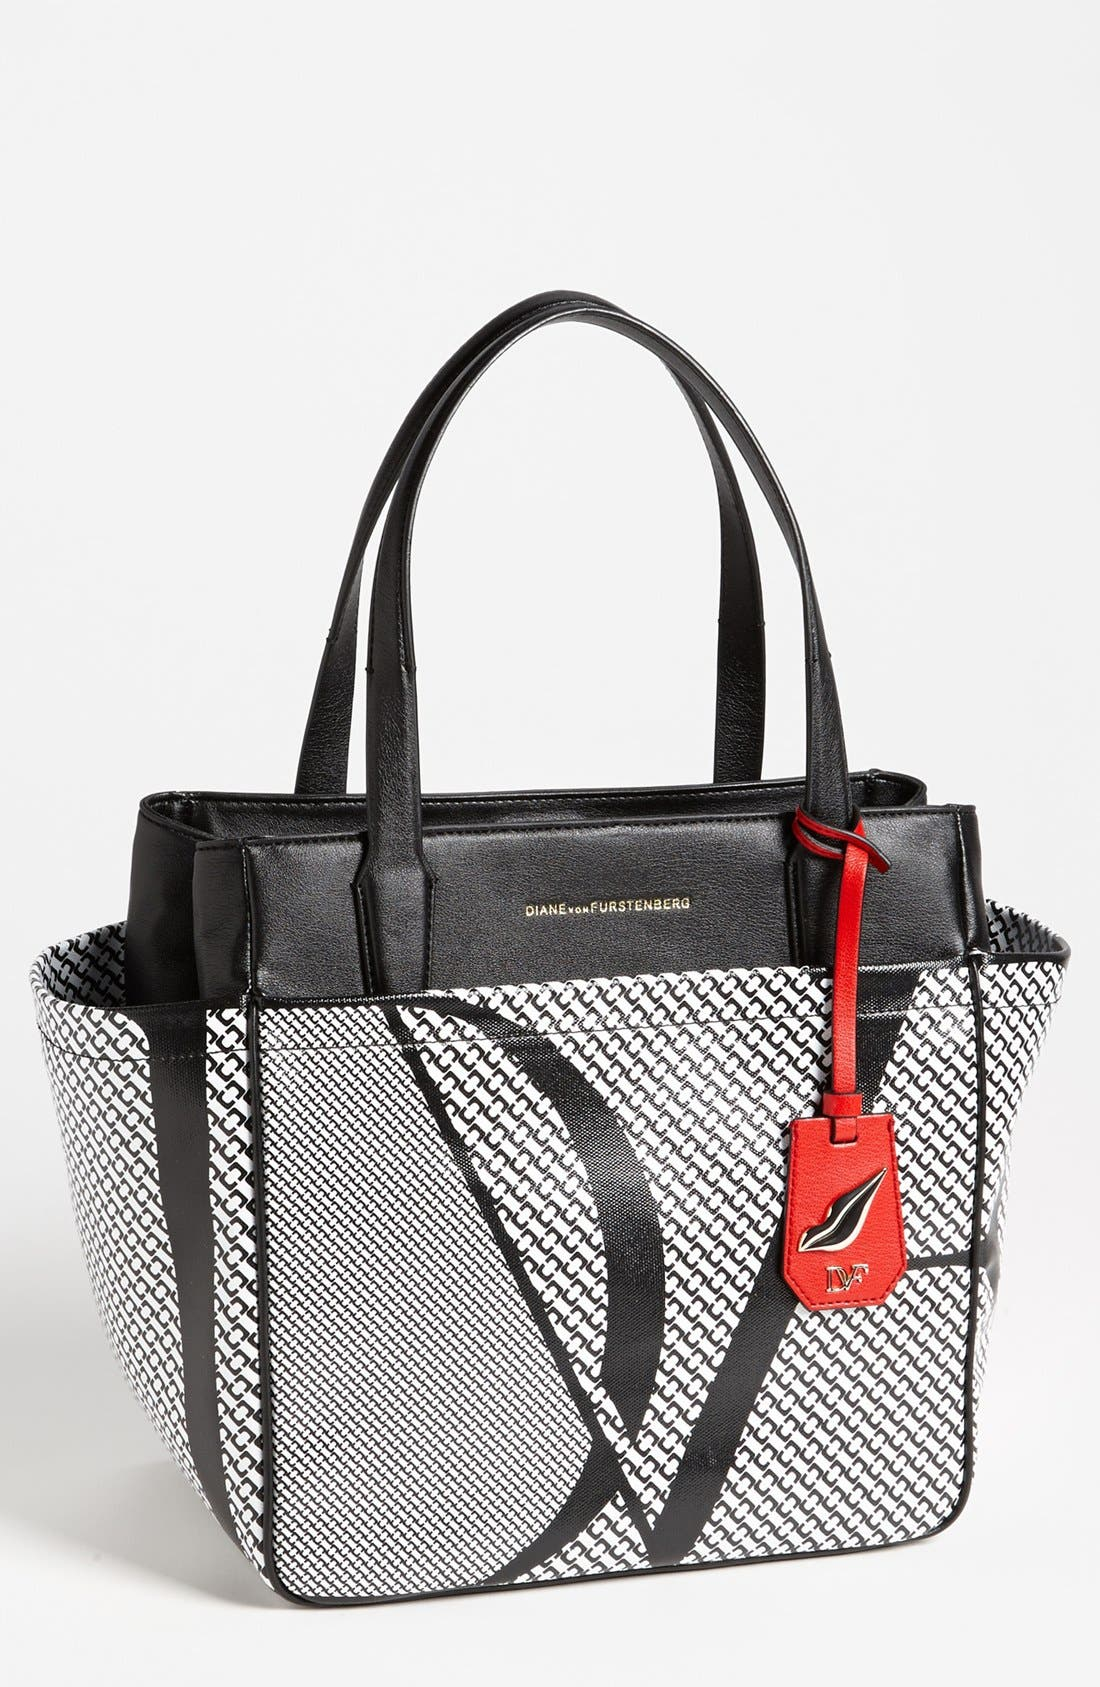 Alternate Image 1 Selected - Diane von Furstenberg 'On the Go' Shoulder Bag